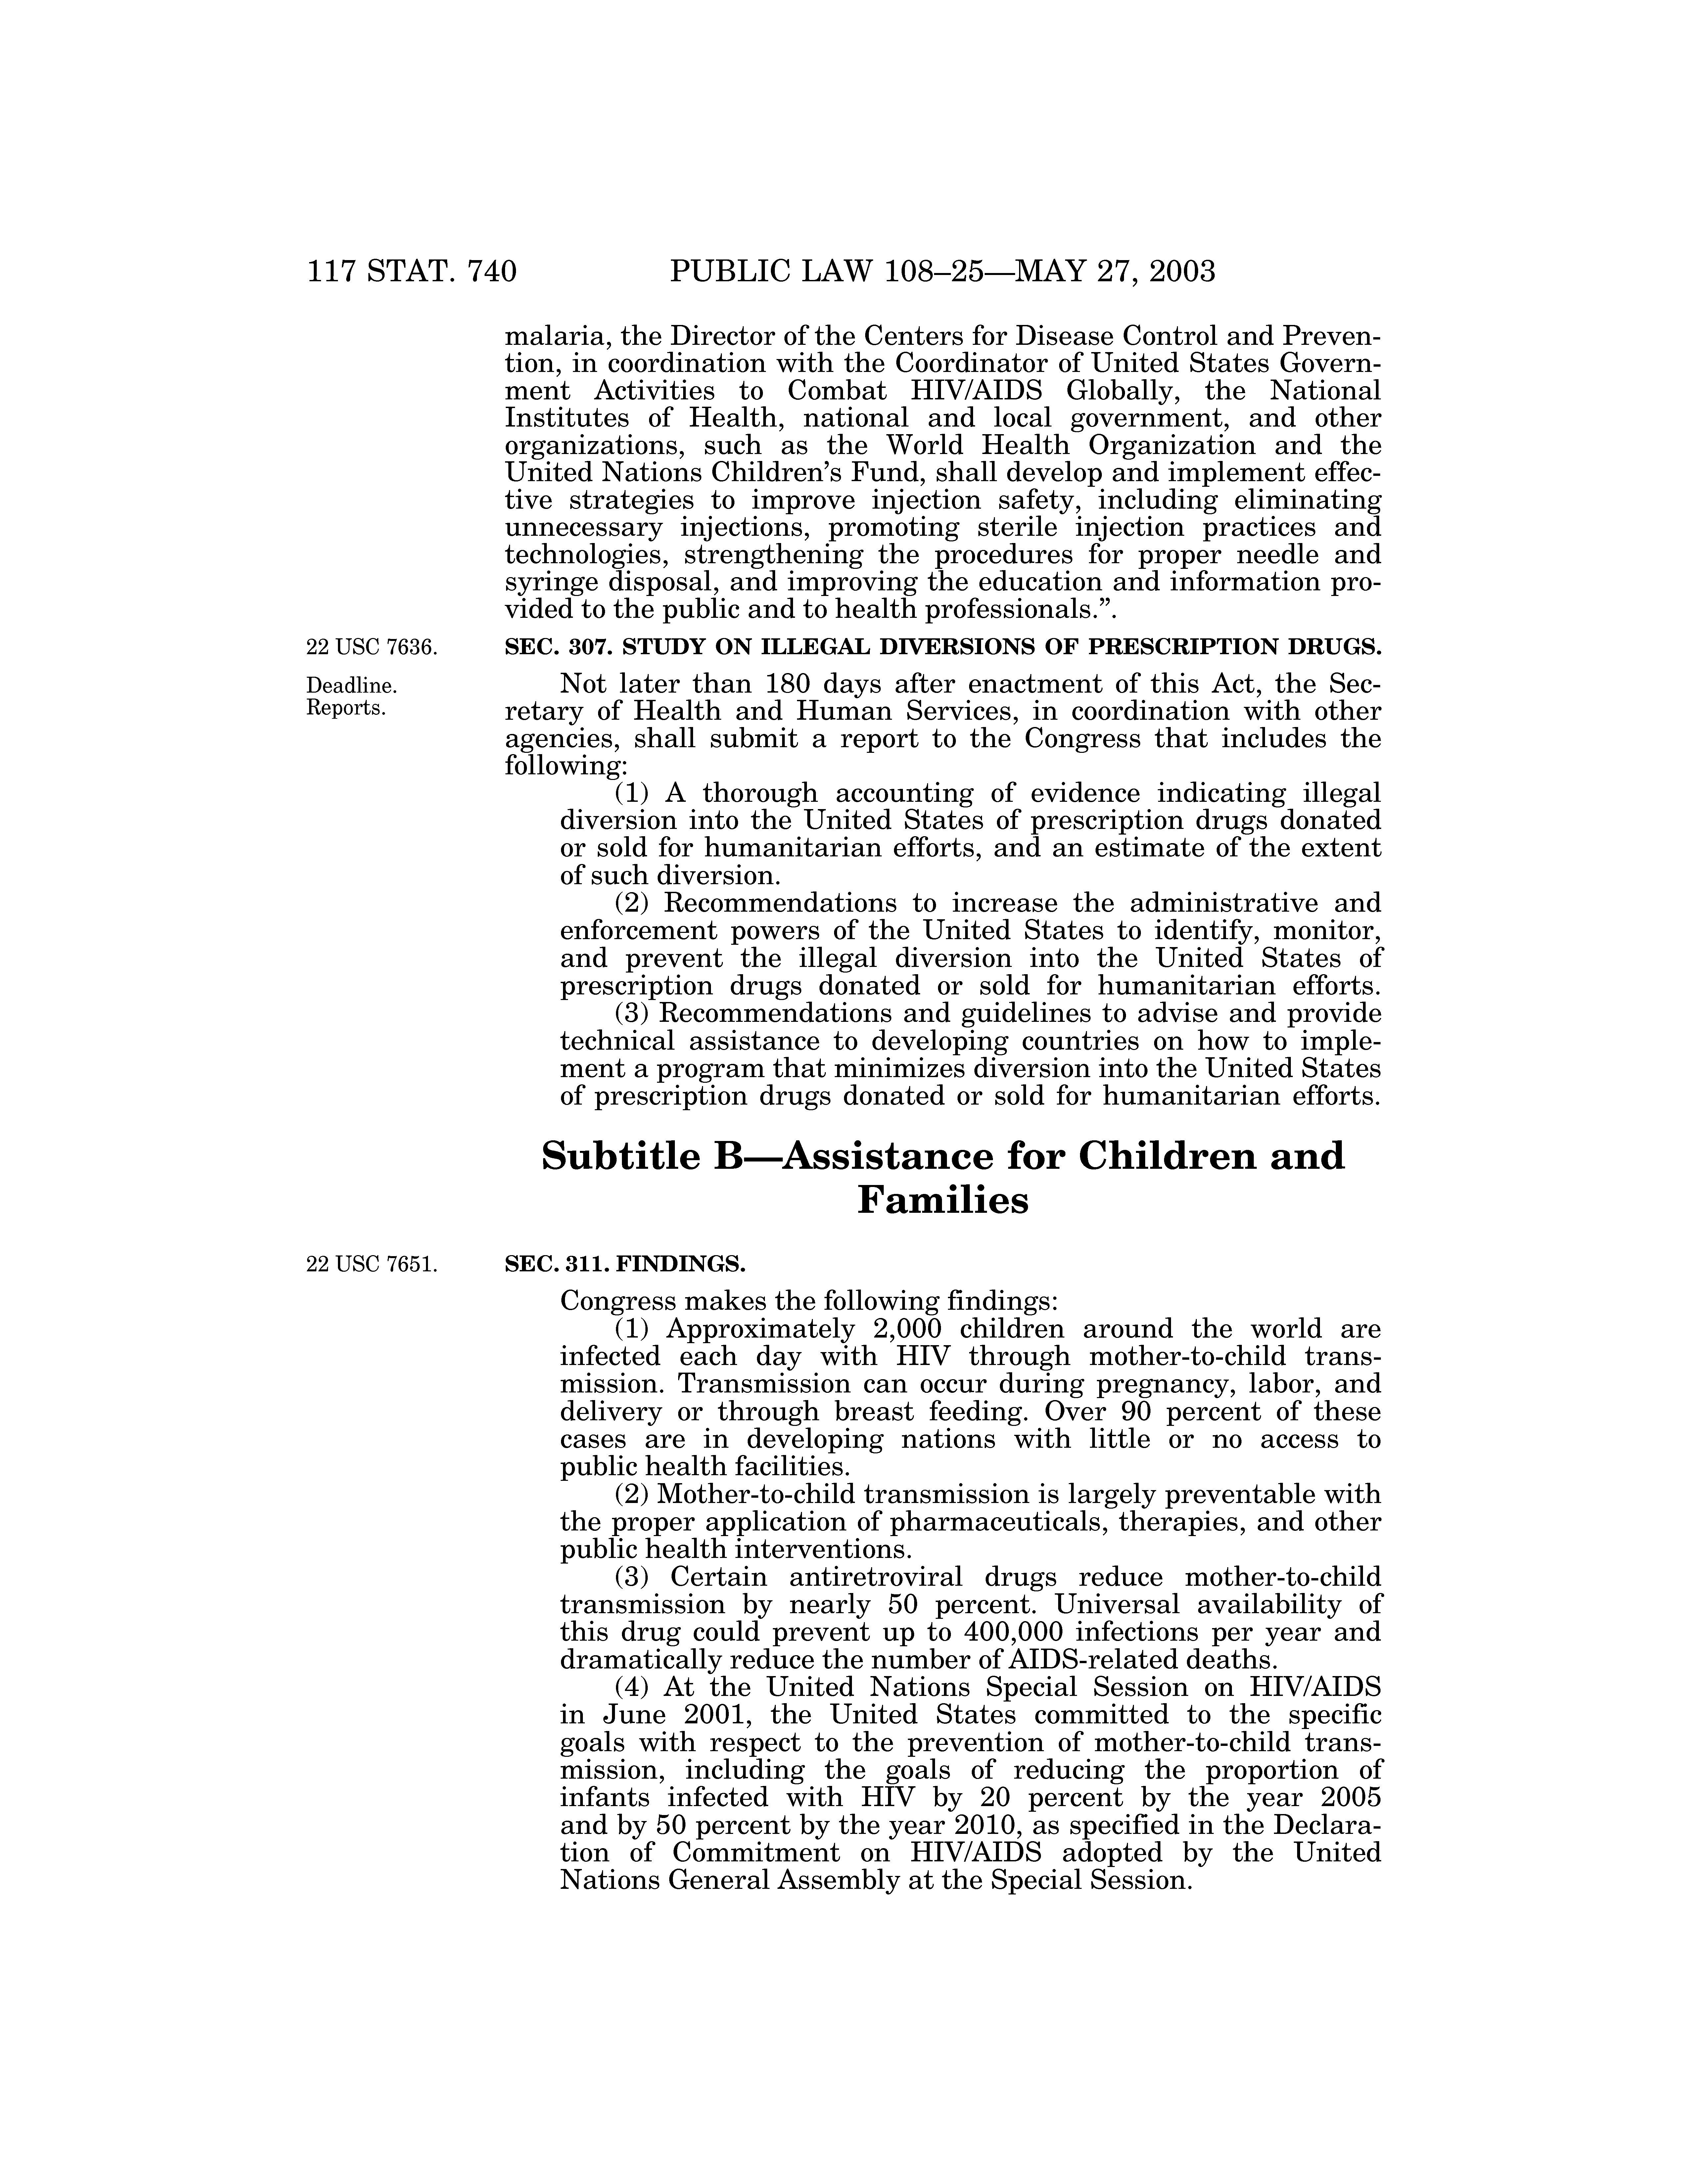 Page:United States Statutes at Large Volume 117 djvu/759